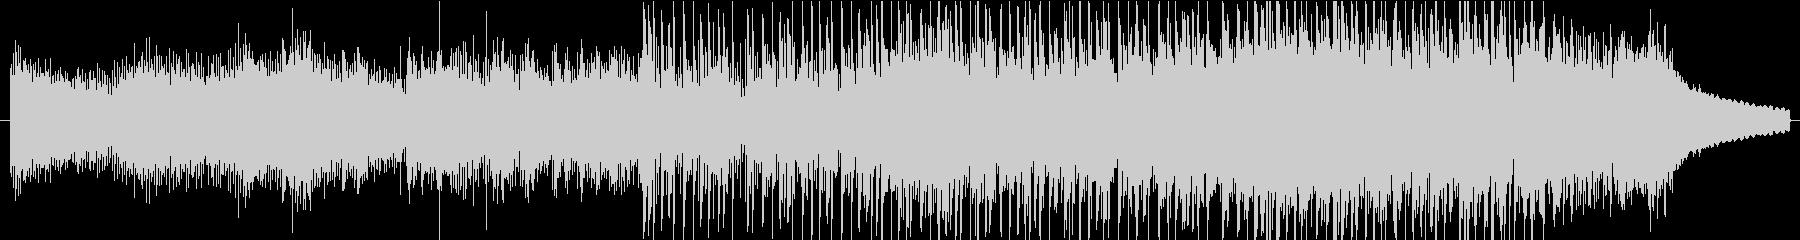 爽やかで不思議なシンセアルペジオのBGMの未再生の波形